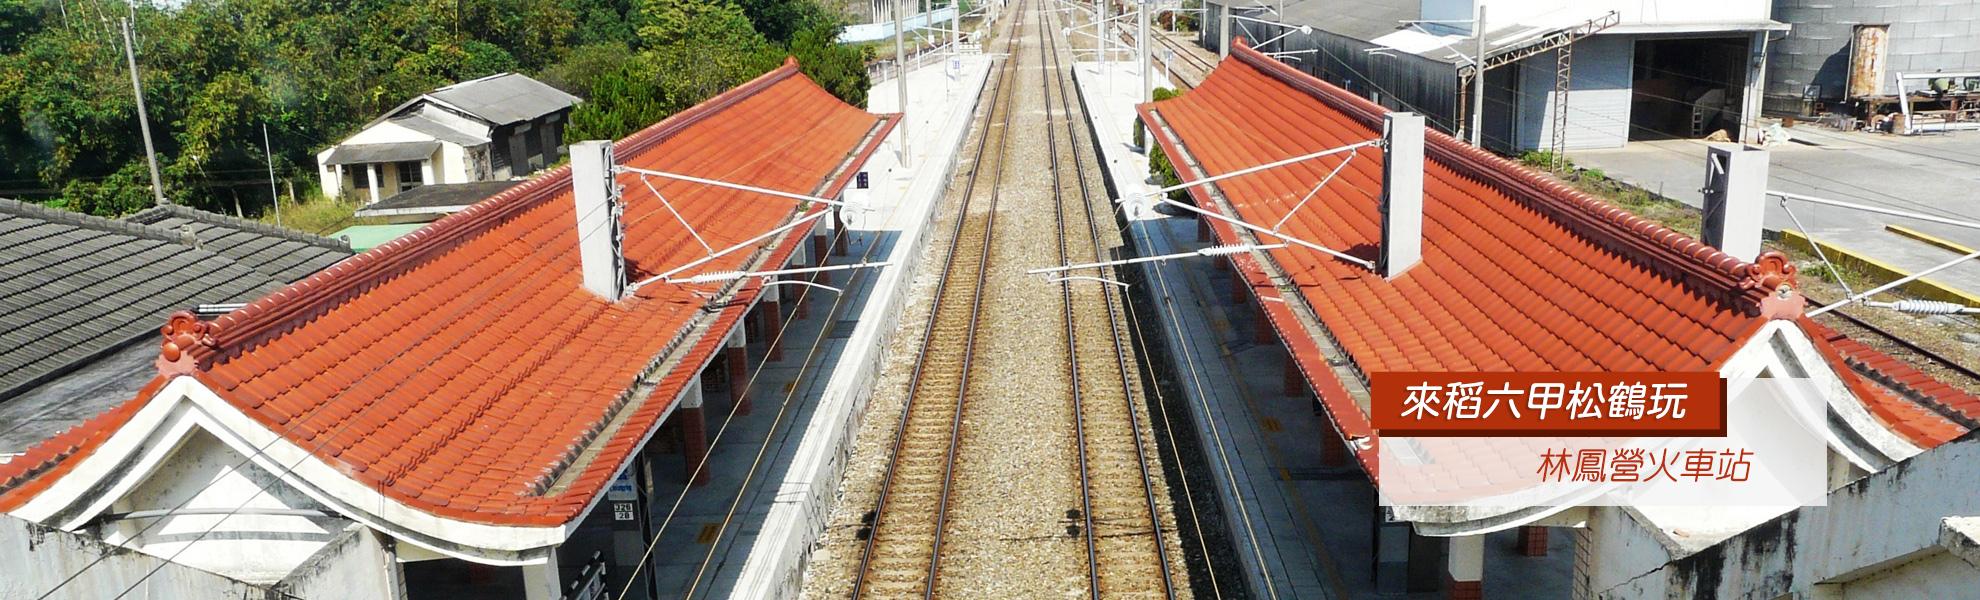 林鳳營火車站